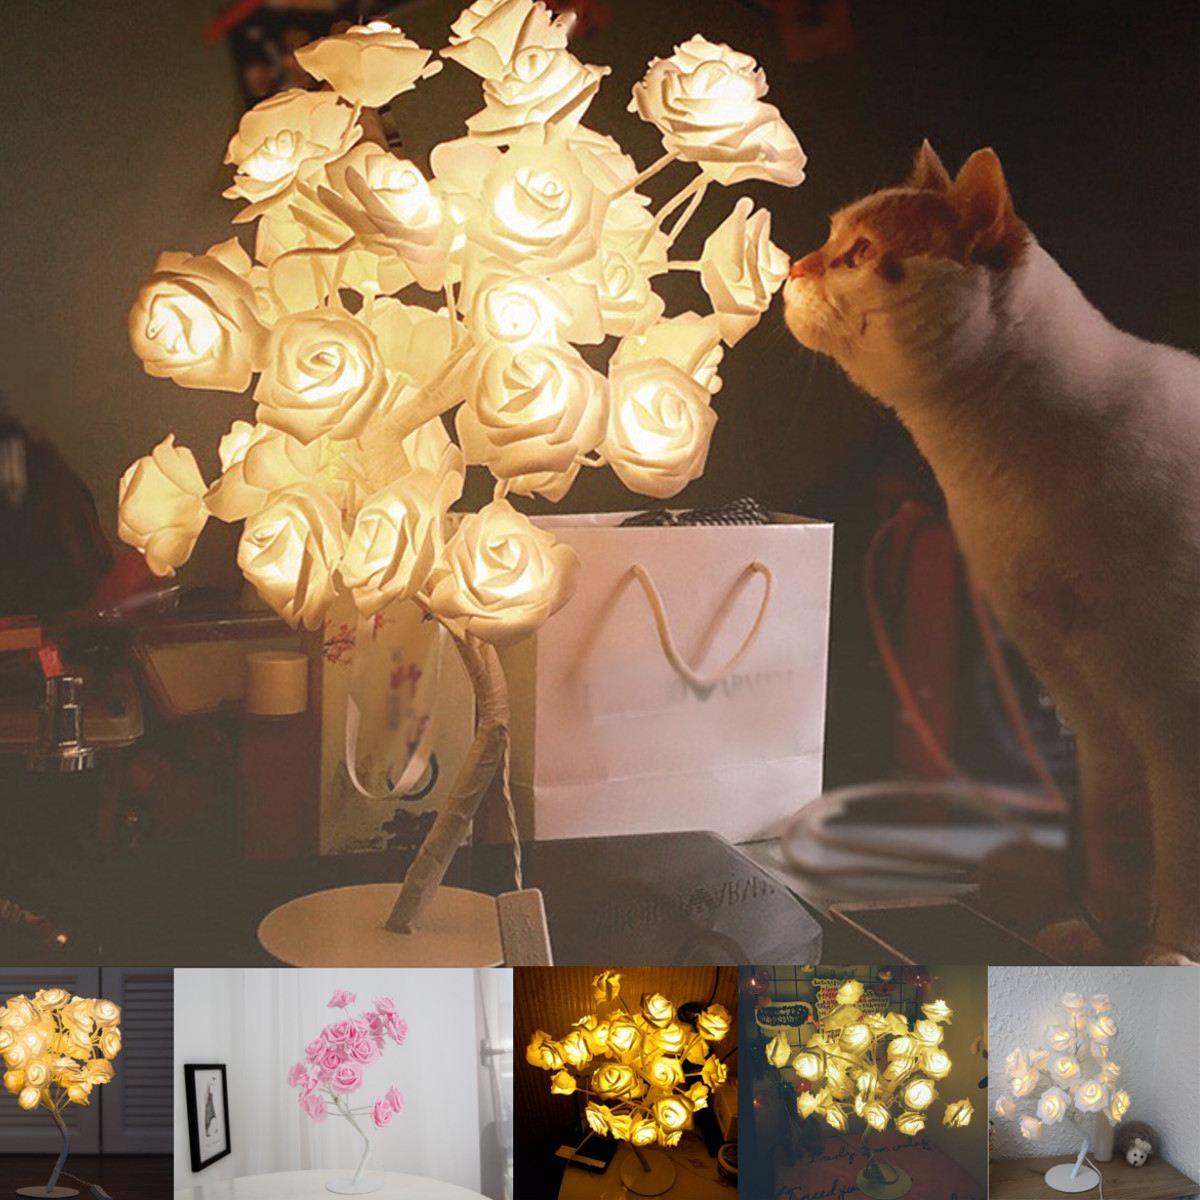 24 Led Rose Blumen Tisch Lampen Schreibtisch Nacht Licht Innen Beleuchtung Lampe Hause Schlafzimmer Dekoration Hochzeit Party Ornamente Rosa/ Weiß